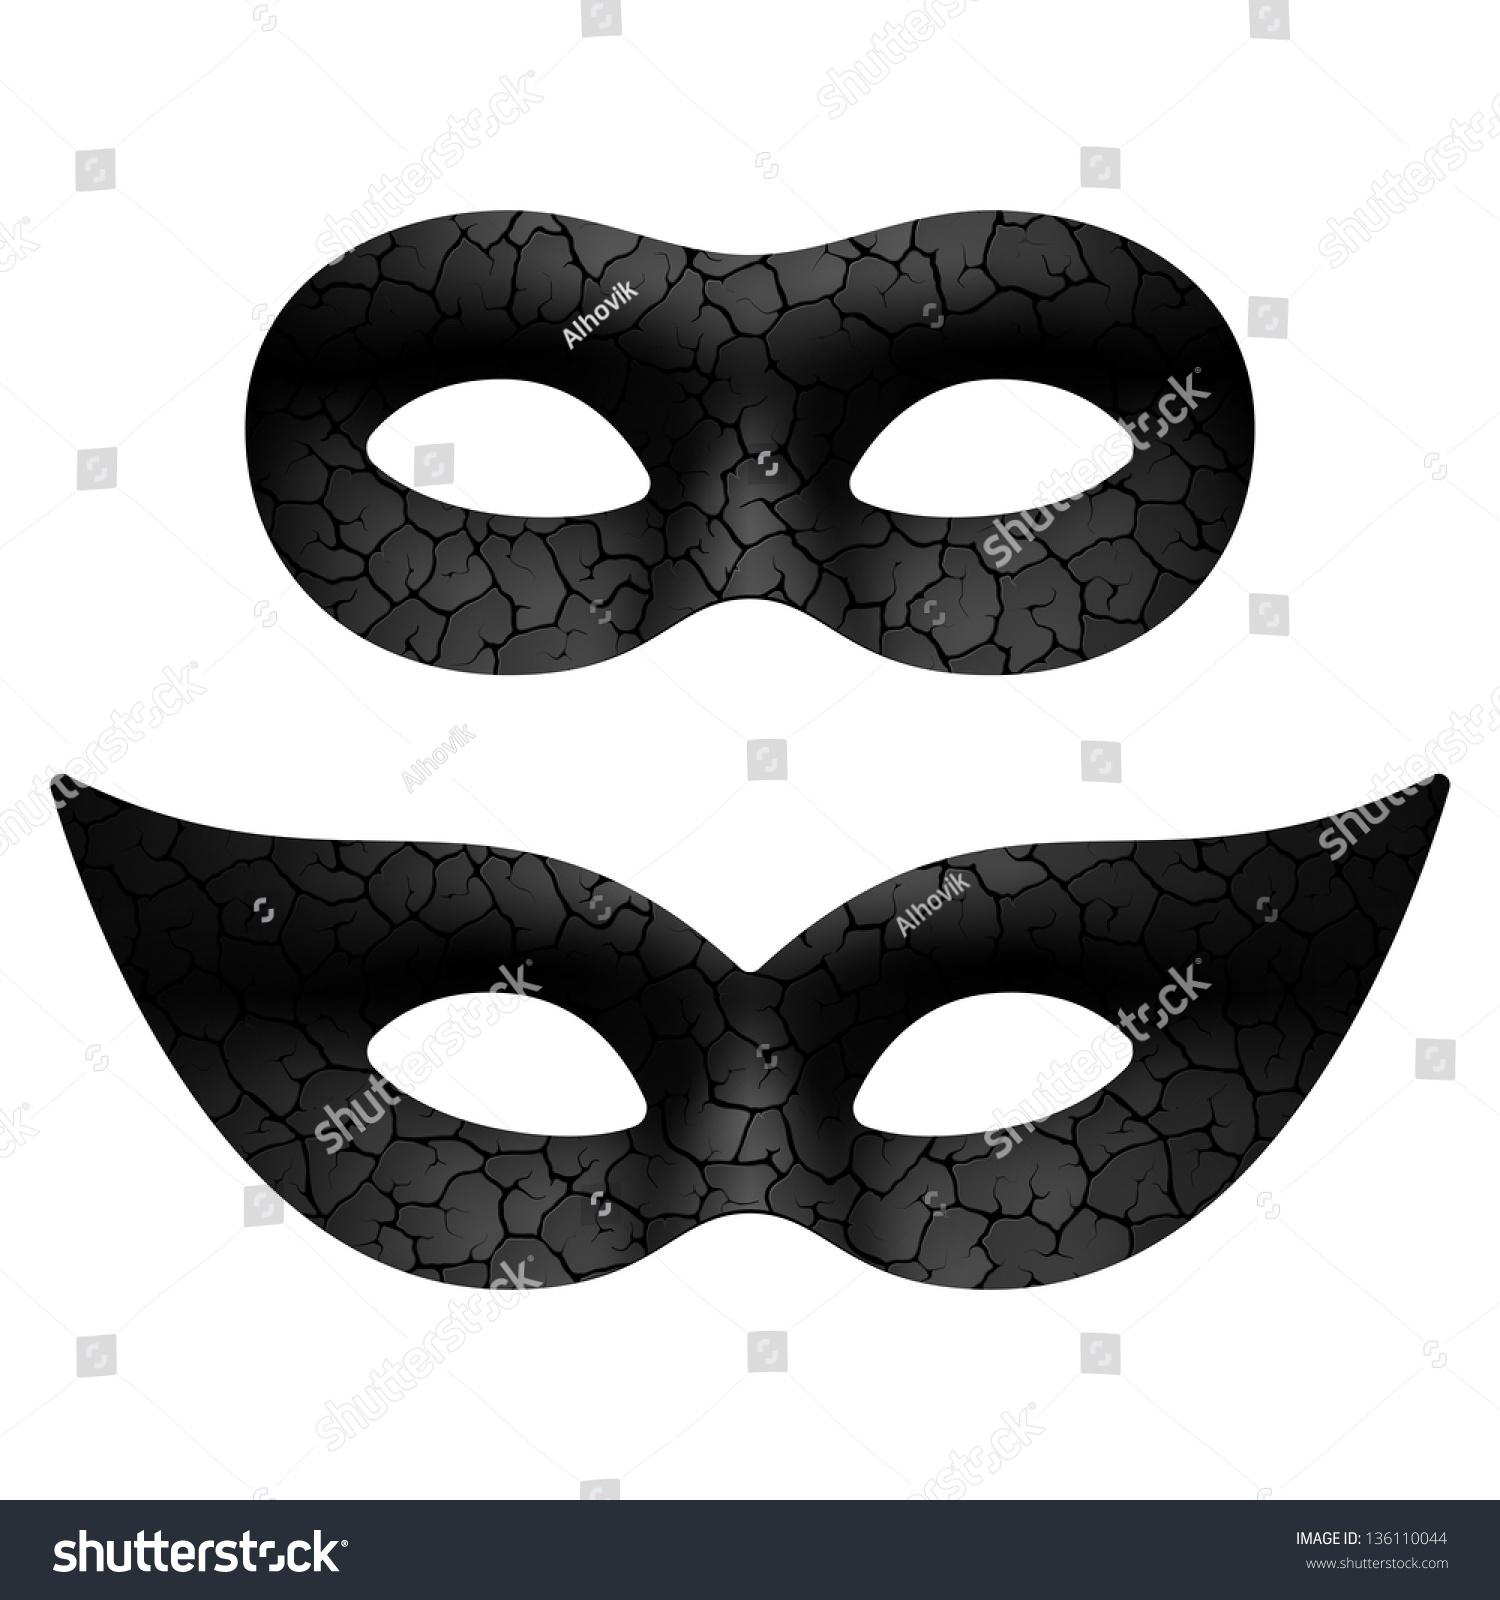 Masquerade Eye Mask. Vector. - 136110044 : Shutterstock  Masquerade Mask Vector